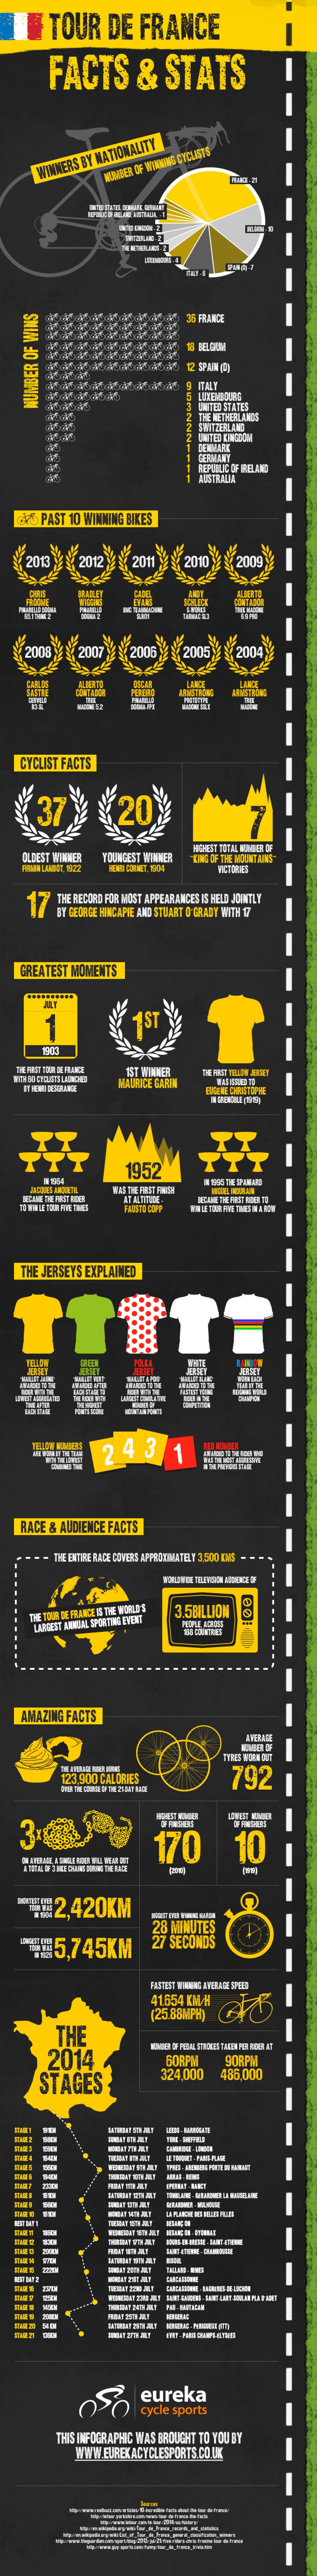 Tour De France Facts & Stats Infographic